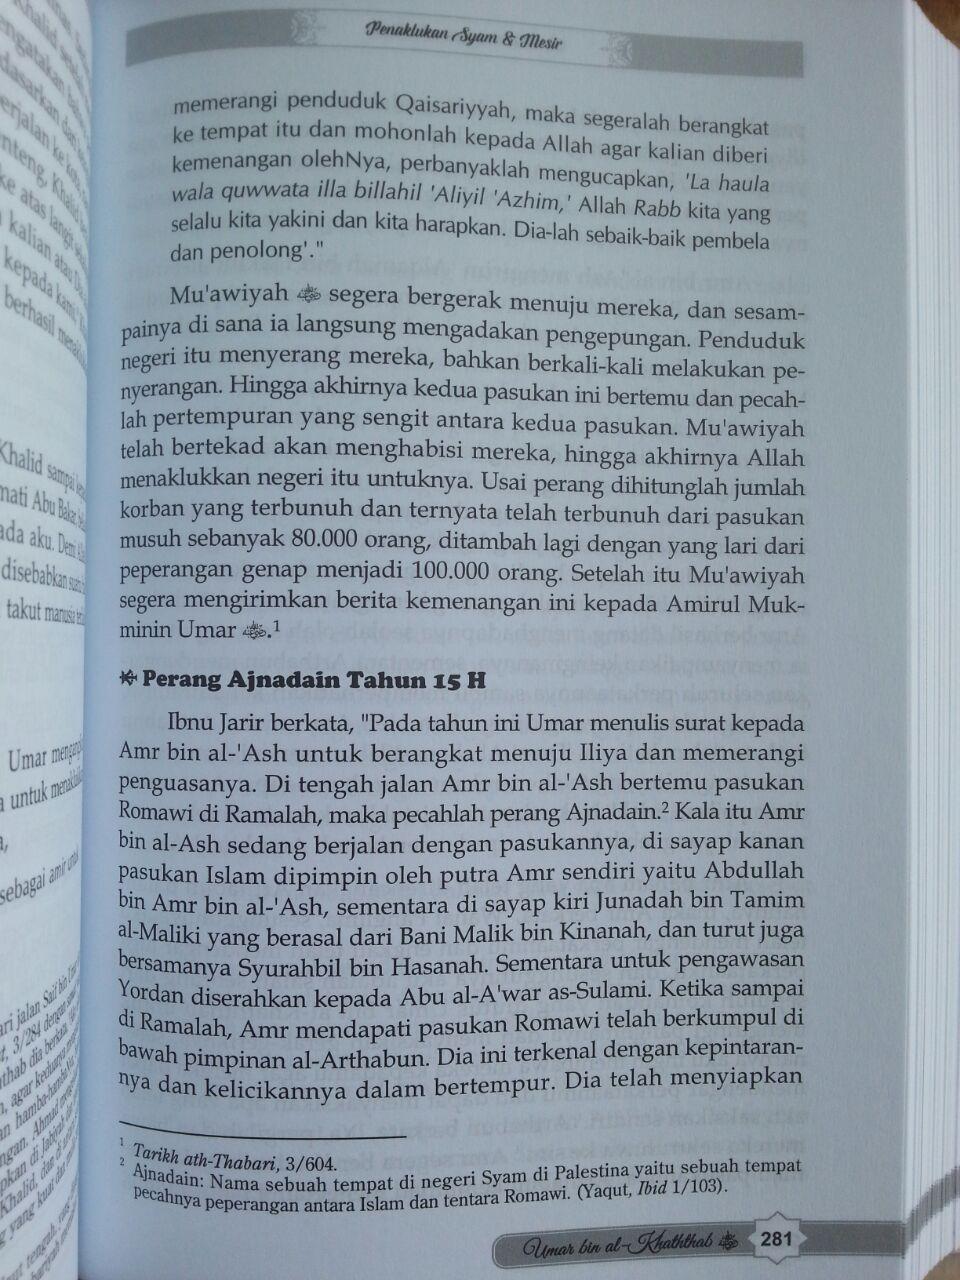 Buku Perjalanan Hidup Empat Khalifah Rasul Yang Agung isi 4